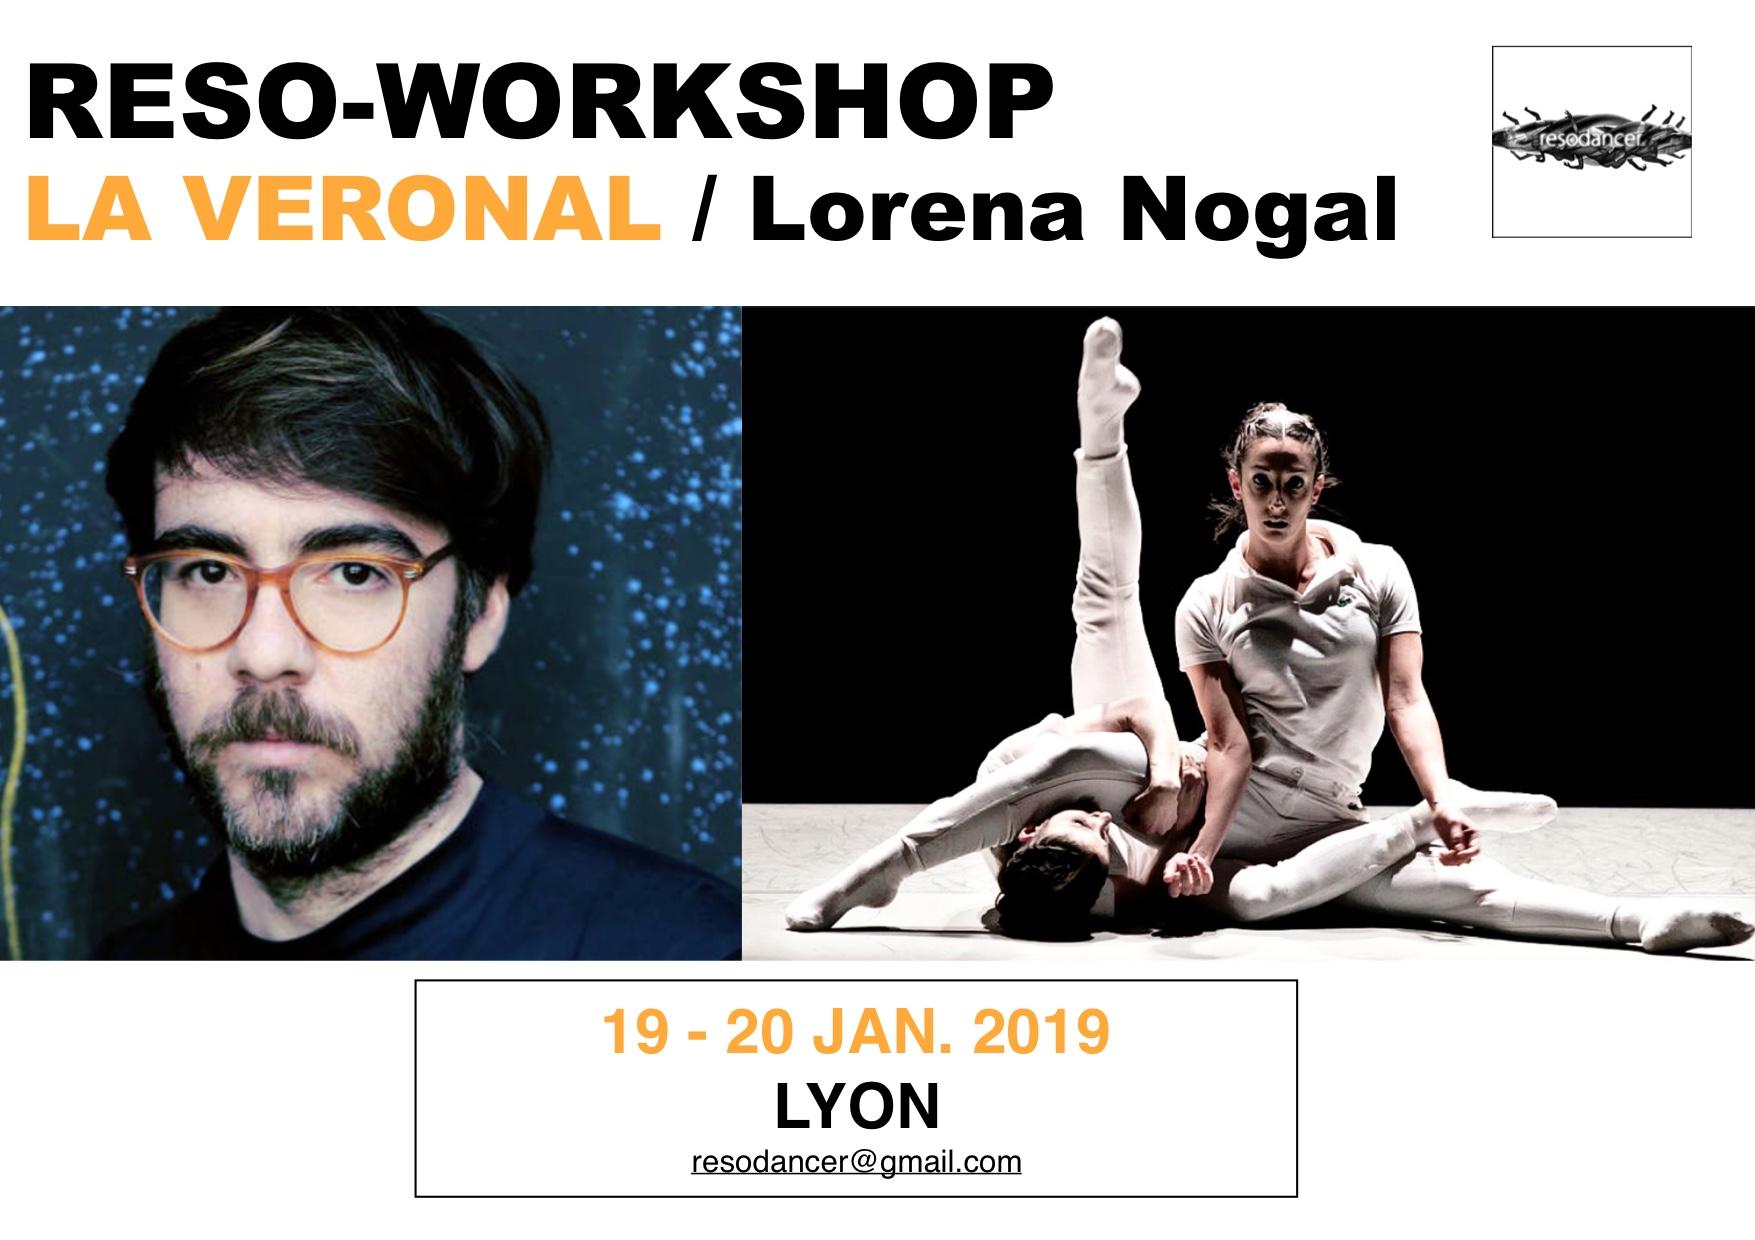 Reso-Workshop La Veronal